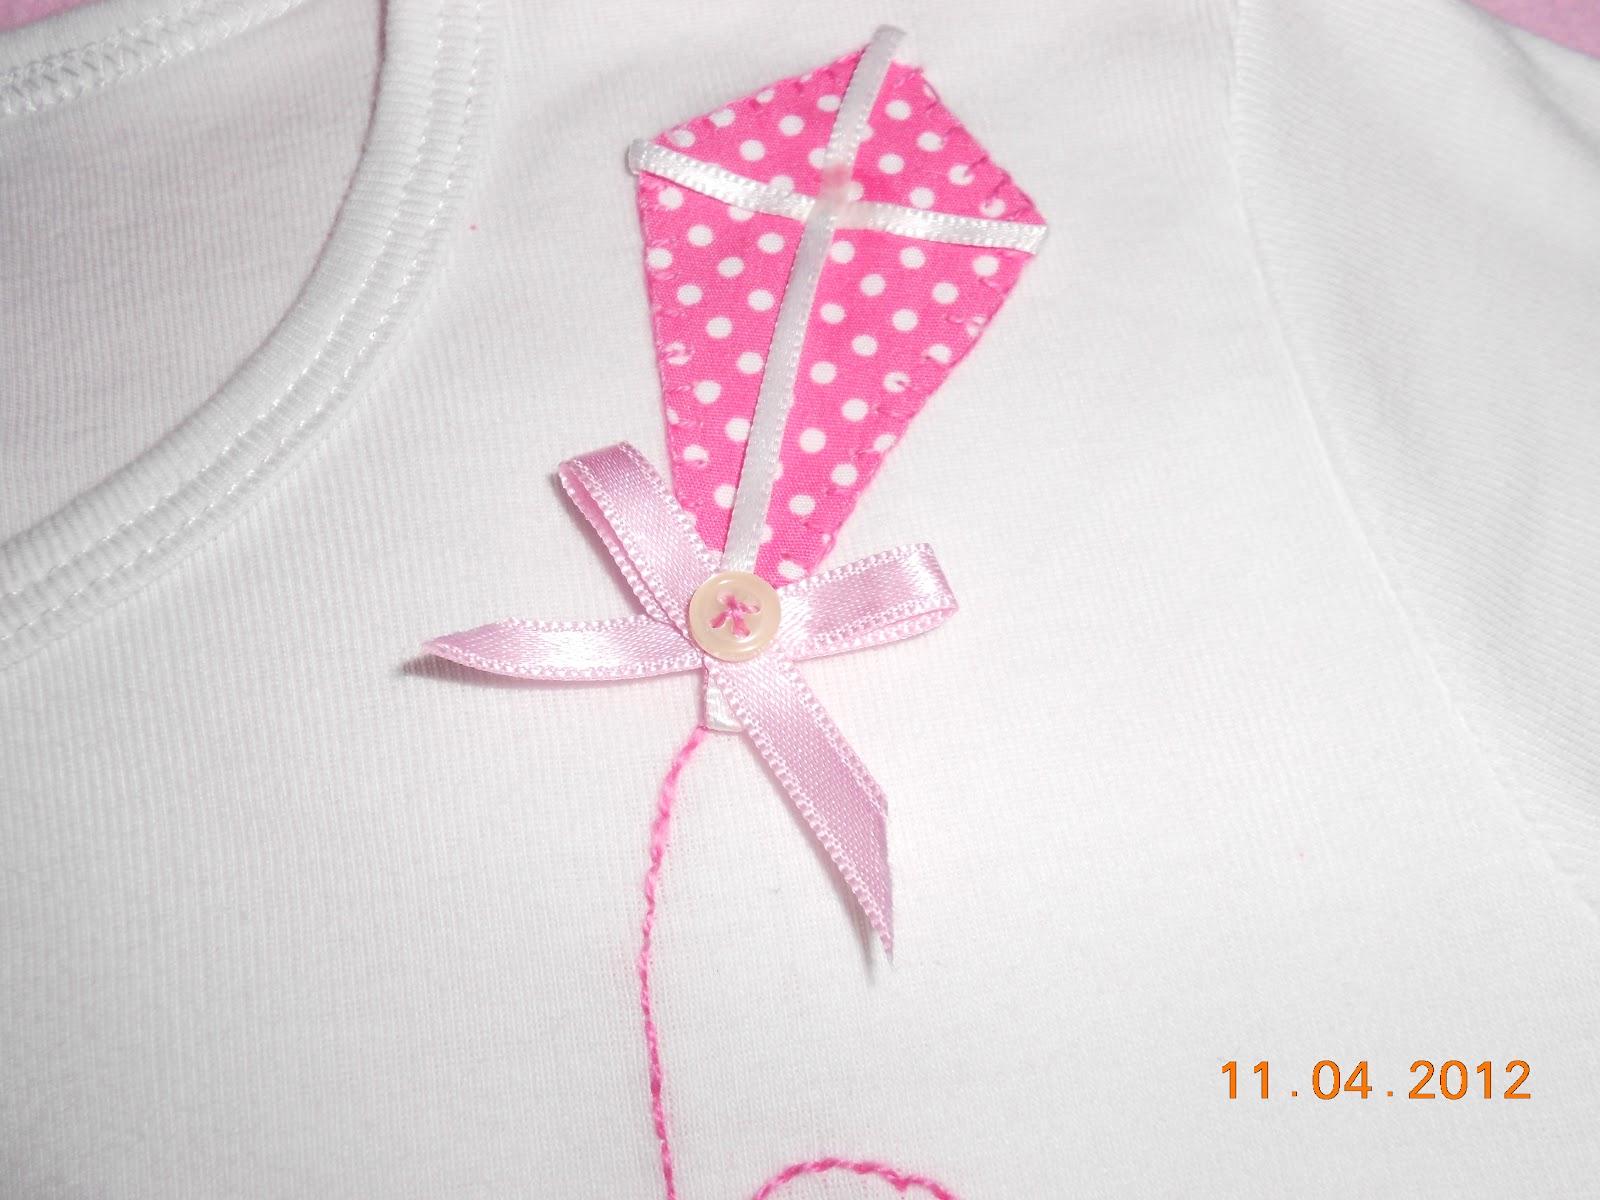 Decorada Con Tela Rosa De Topos Blancos  Personalizada Con El Nombre